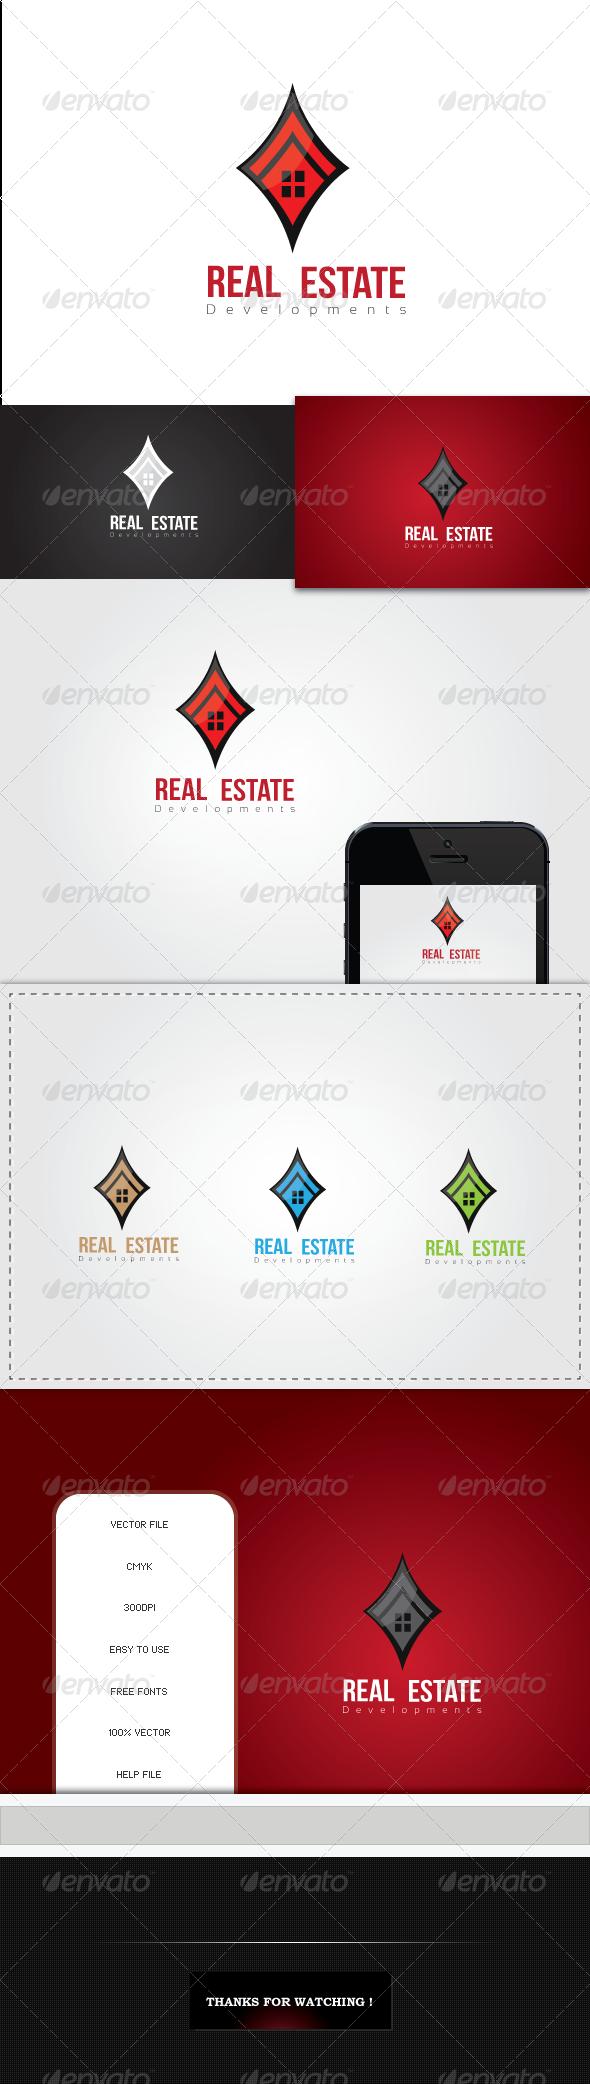 GraphicRiver Real Estate Logo Template 5411070